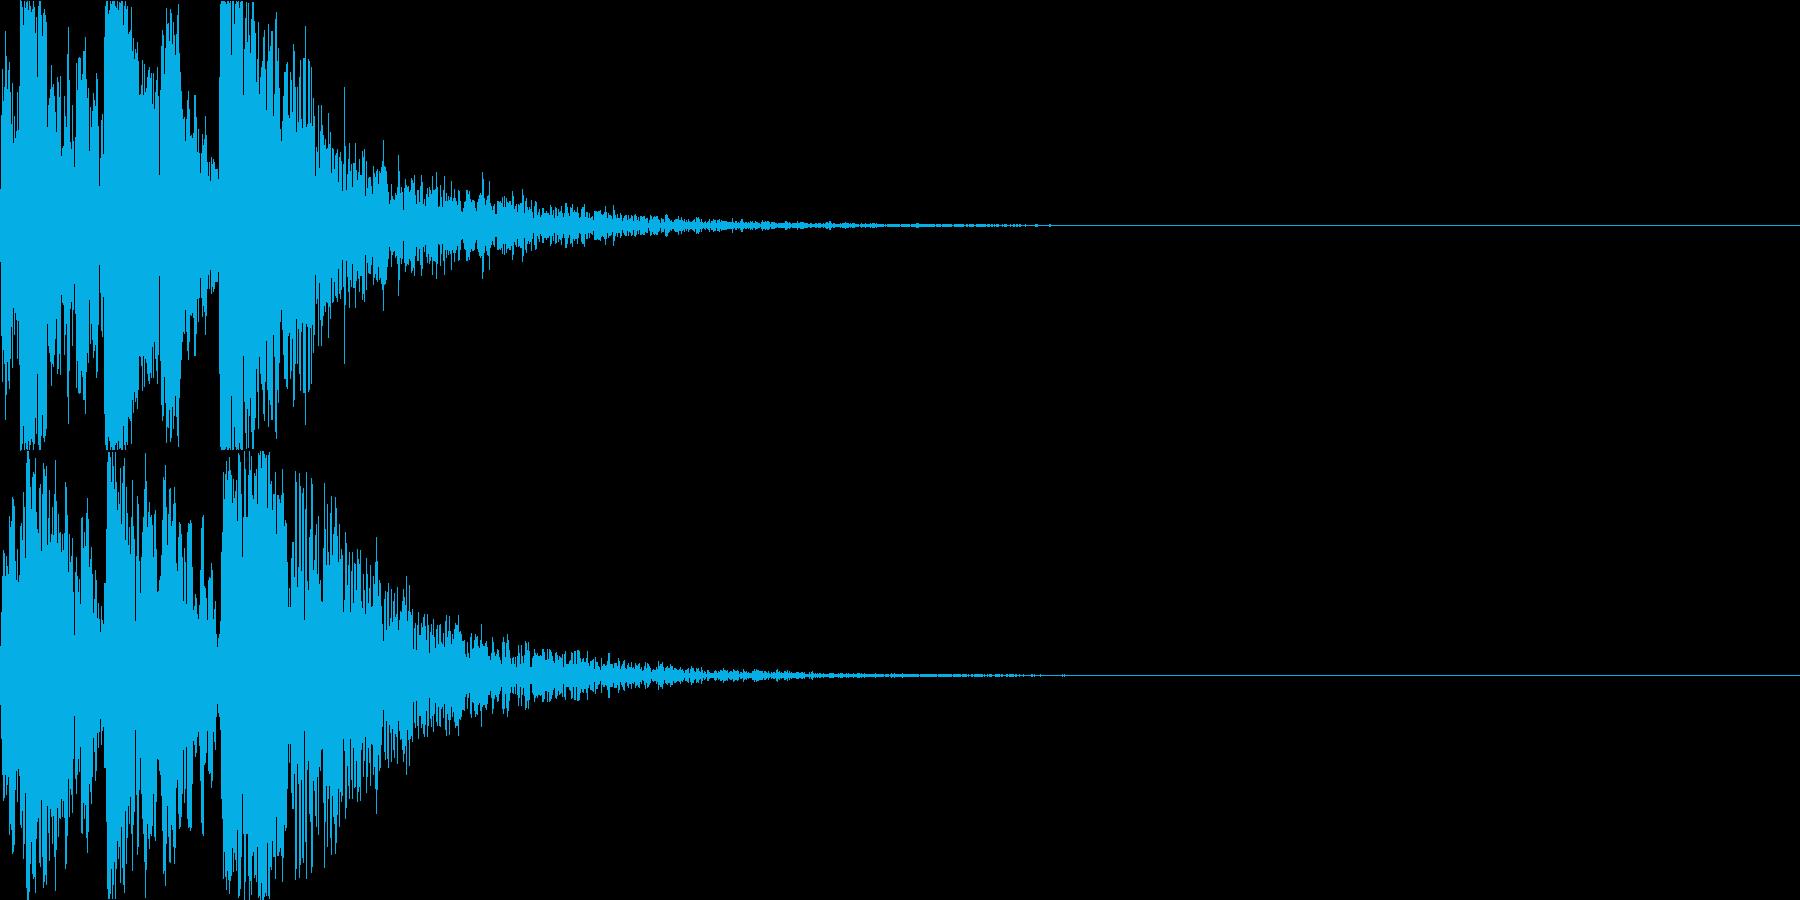 鼓(つづみ)太鼓のフレーズ ジングル3bの再生済みの波形